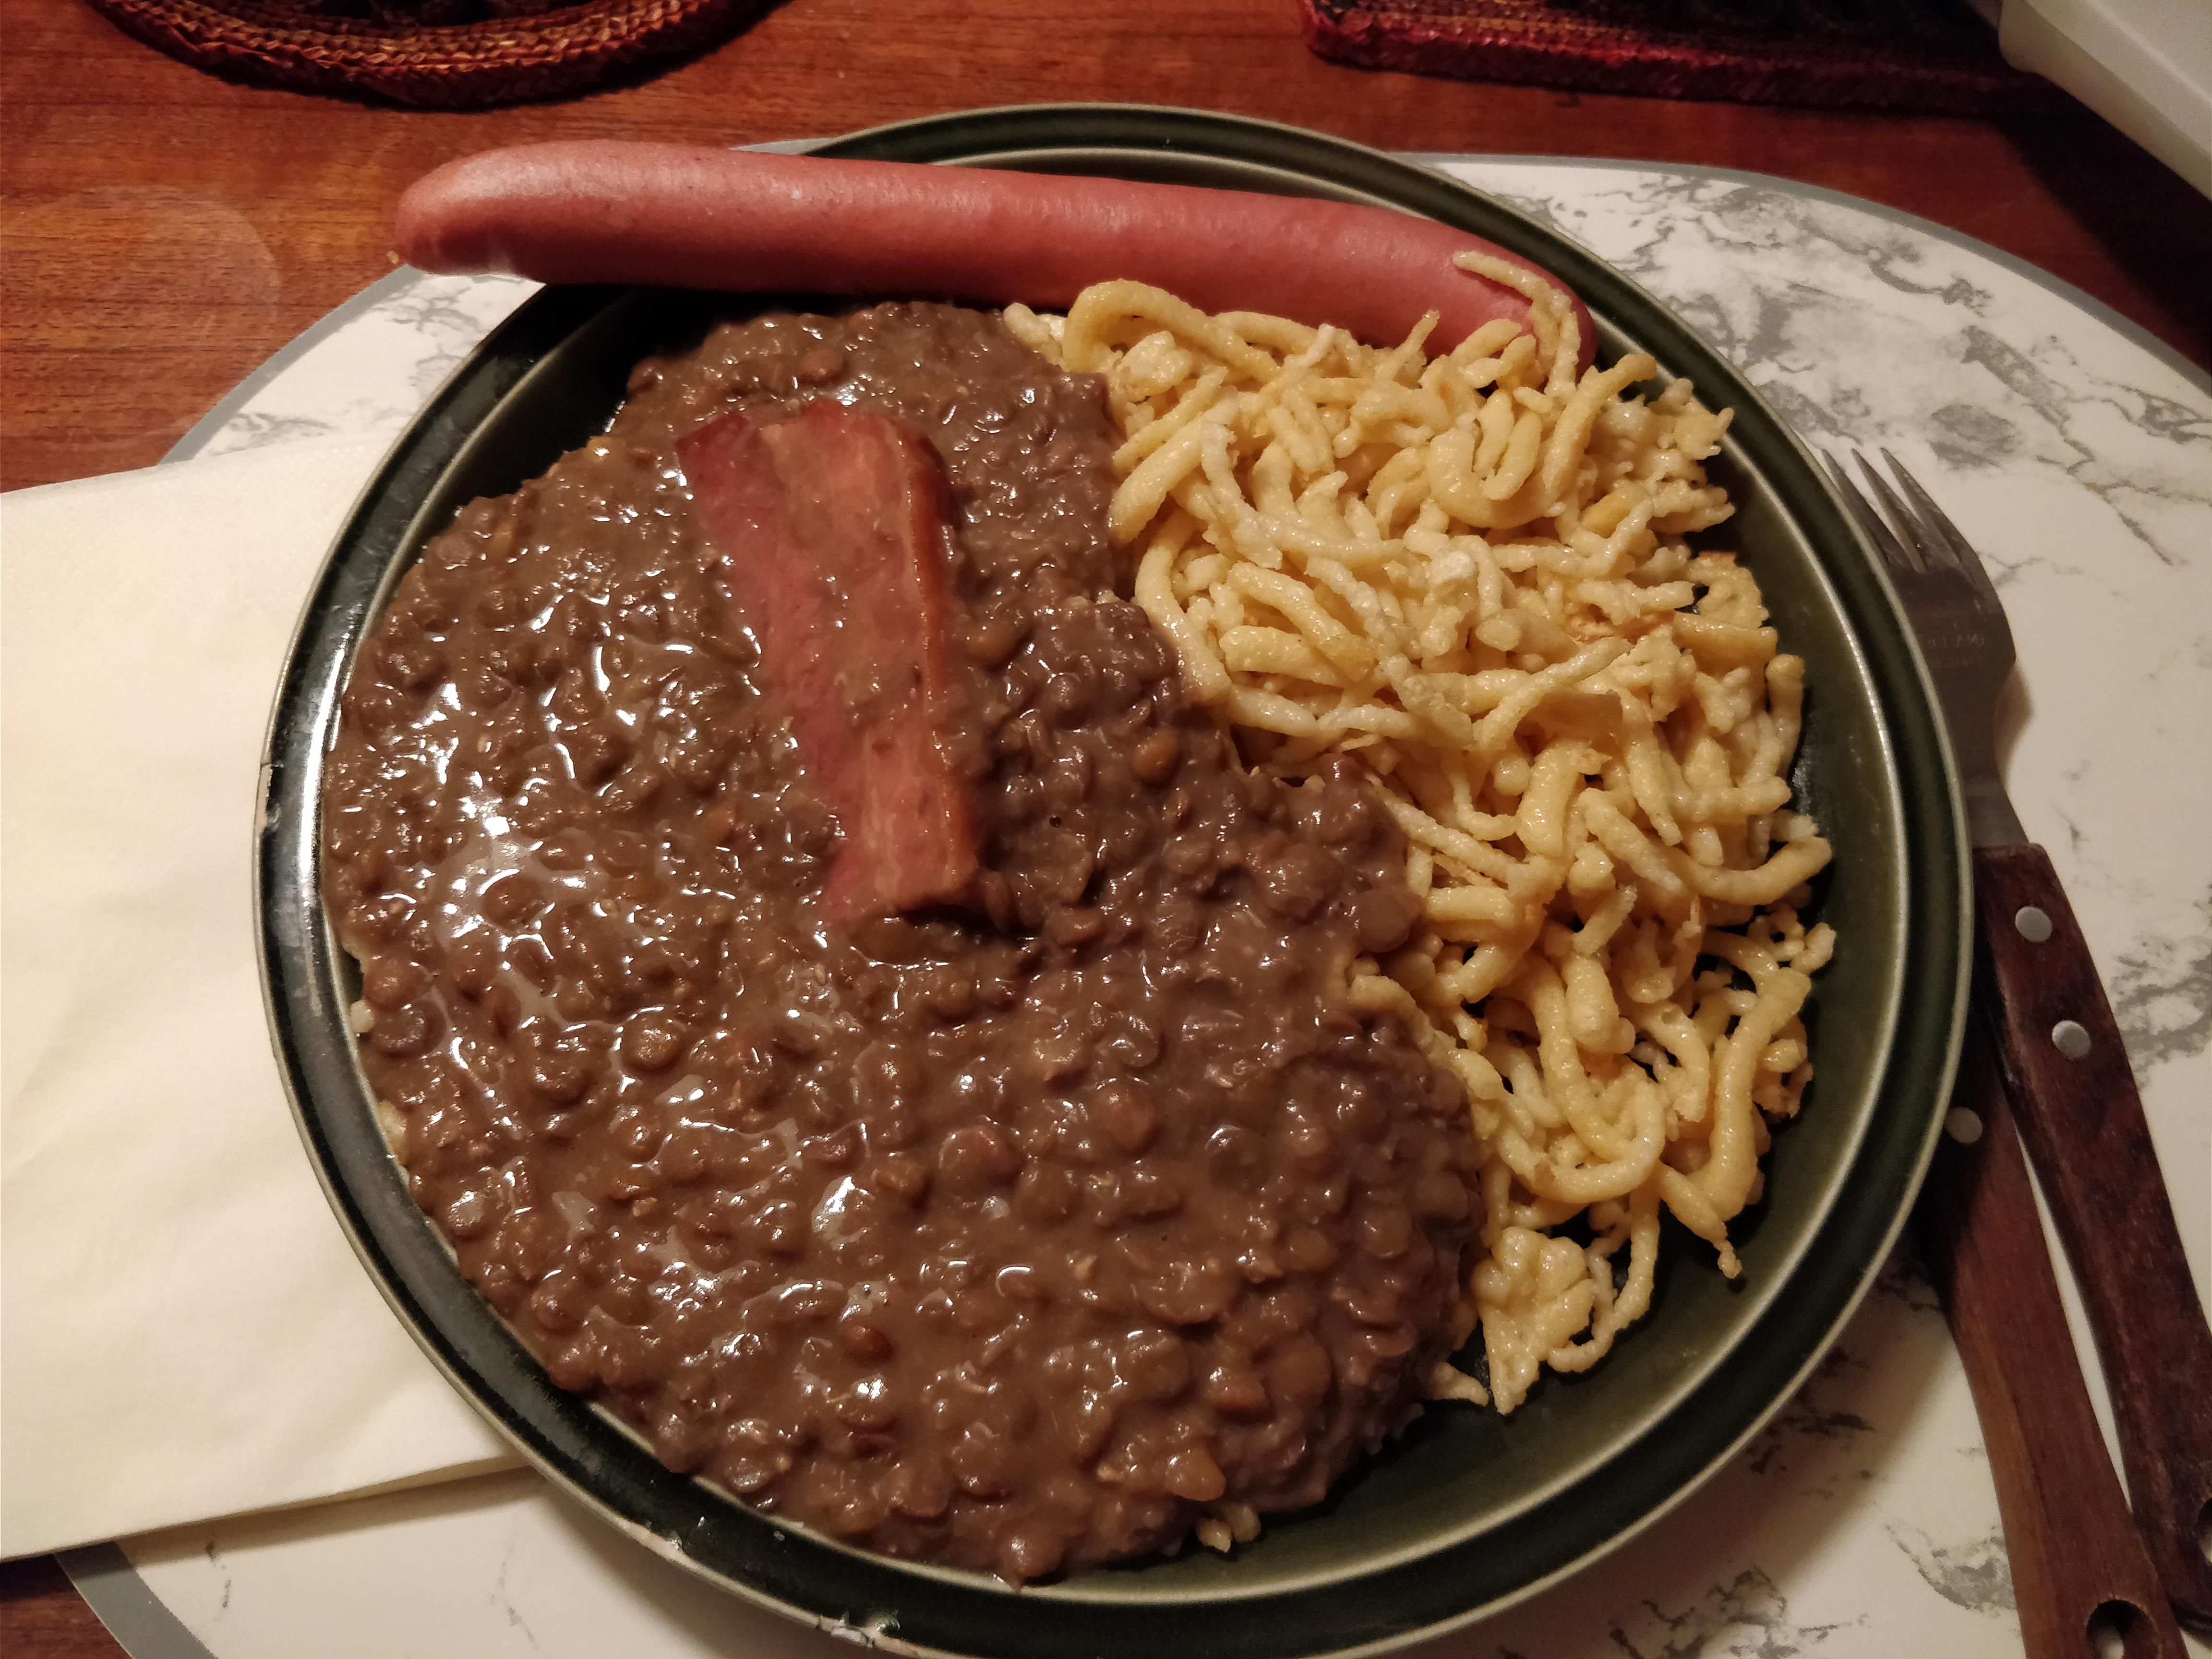 http://foodloader.net/nico_2017-10-25_linsen-und-spaetzle-mit-saitenwurst-und-schweinebauch.jpg